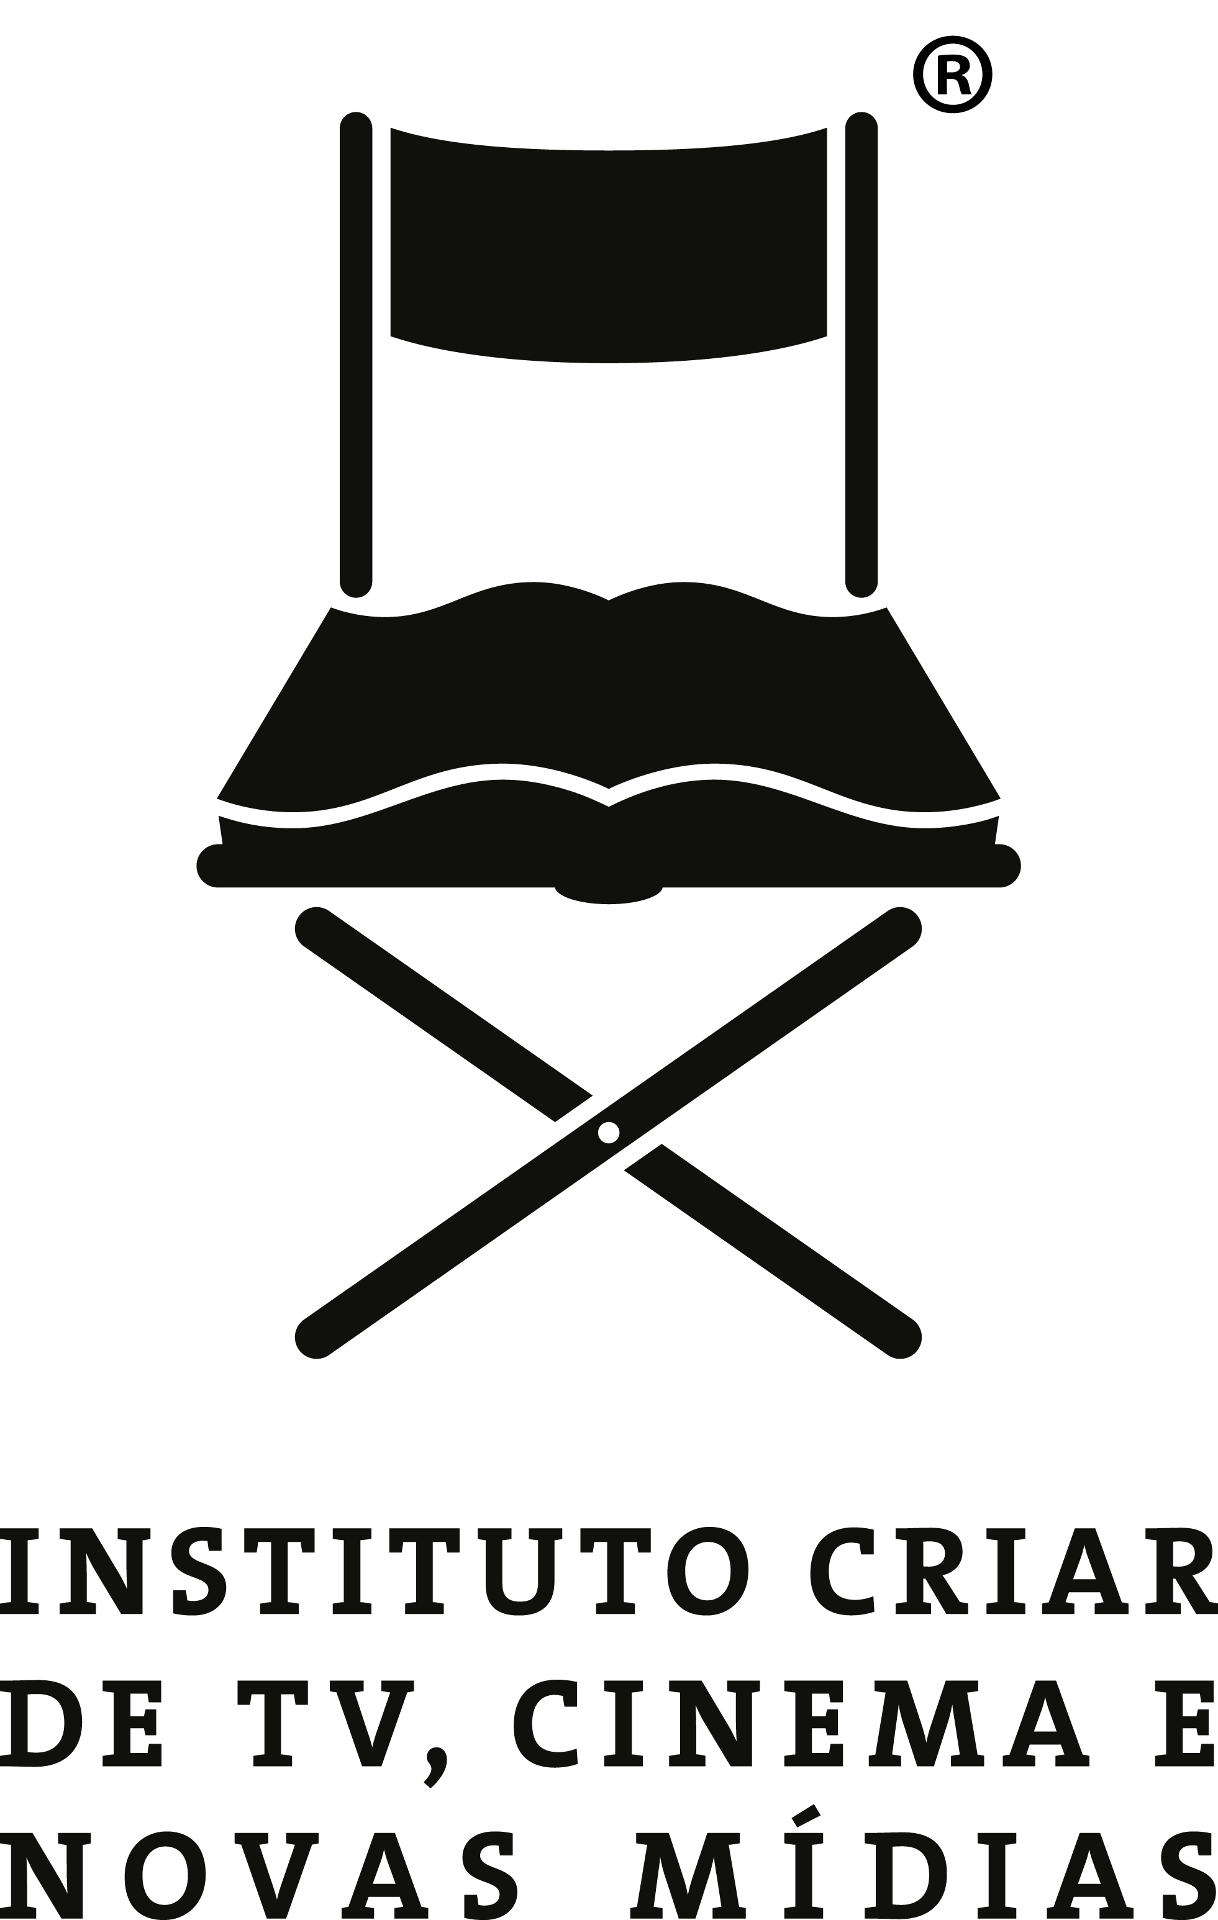 Imagem do logo de Instituto Criar